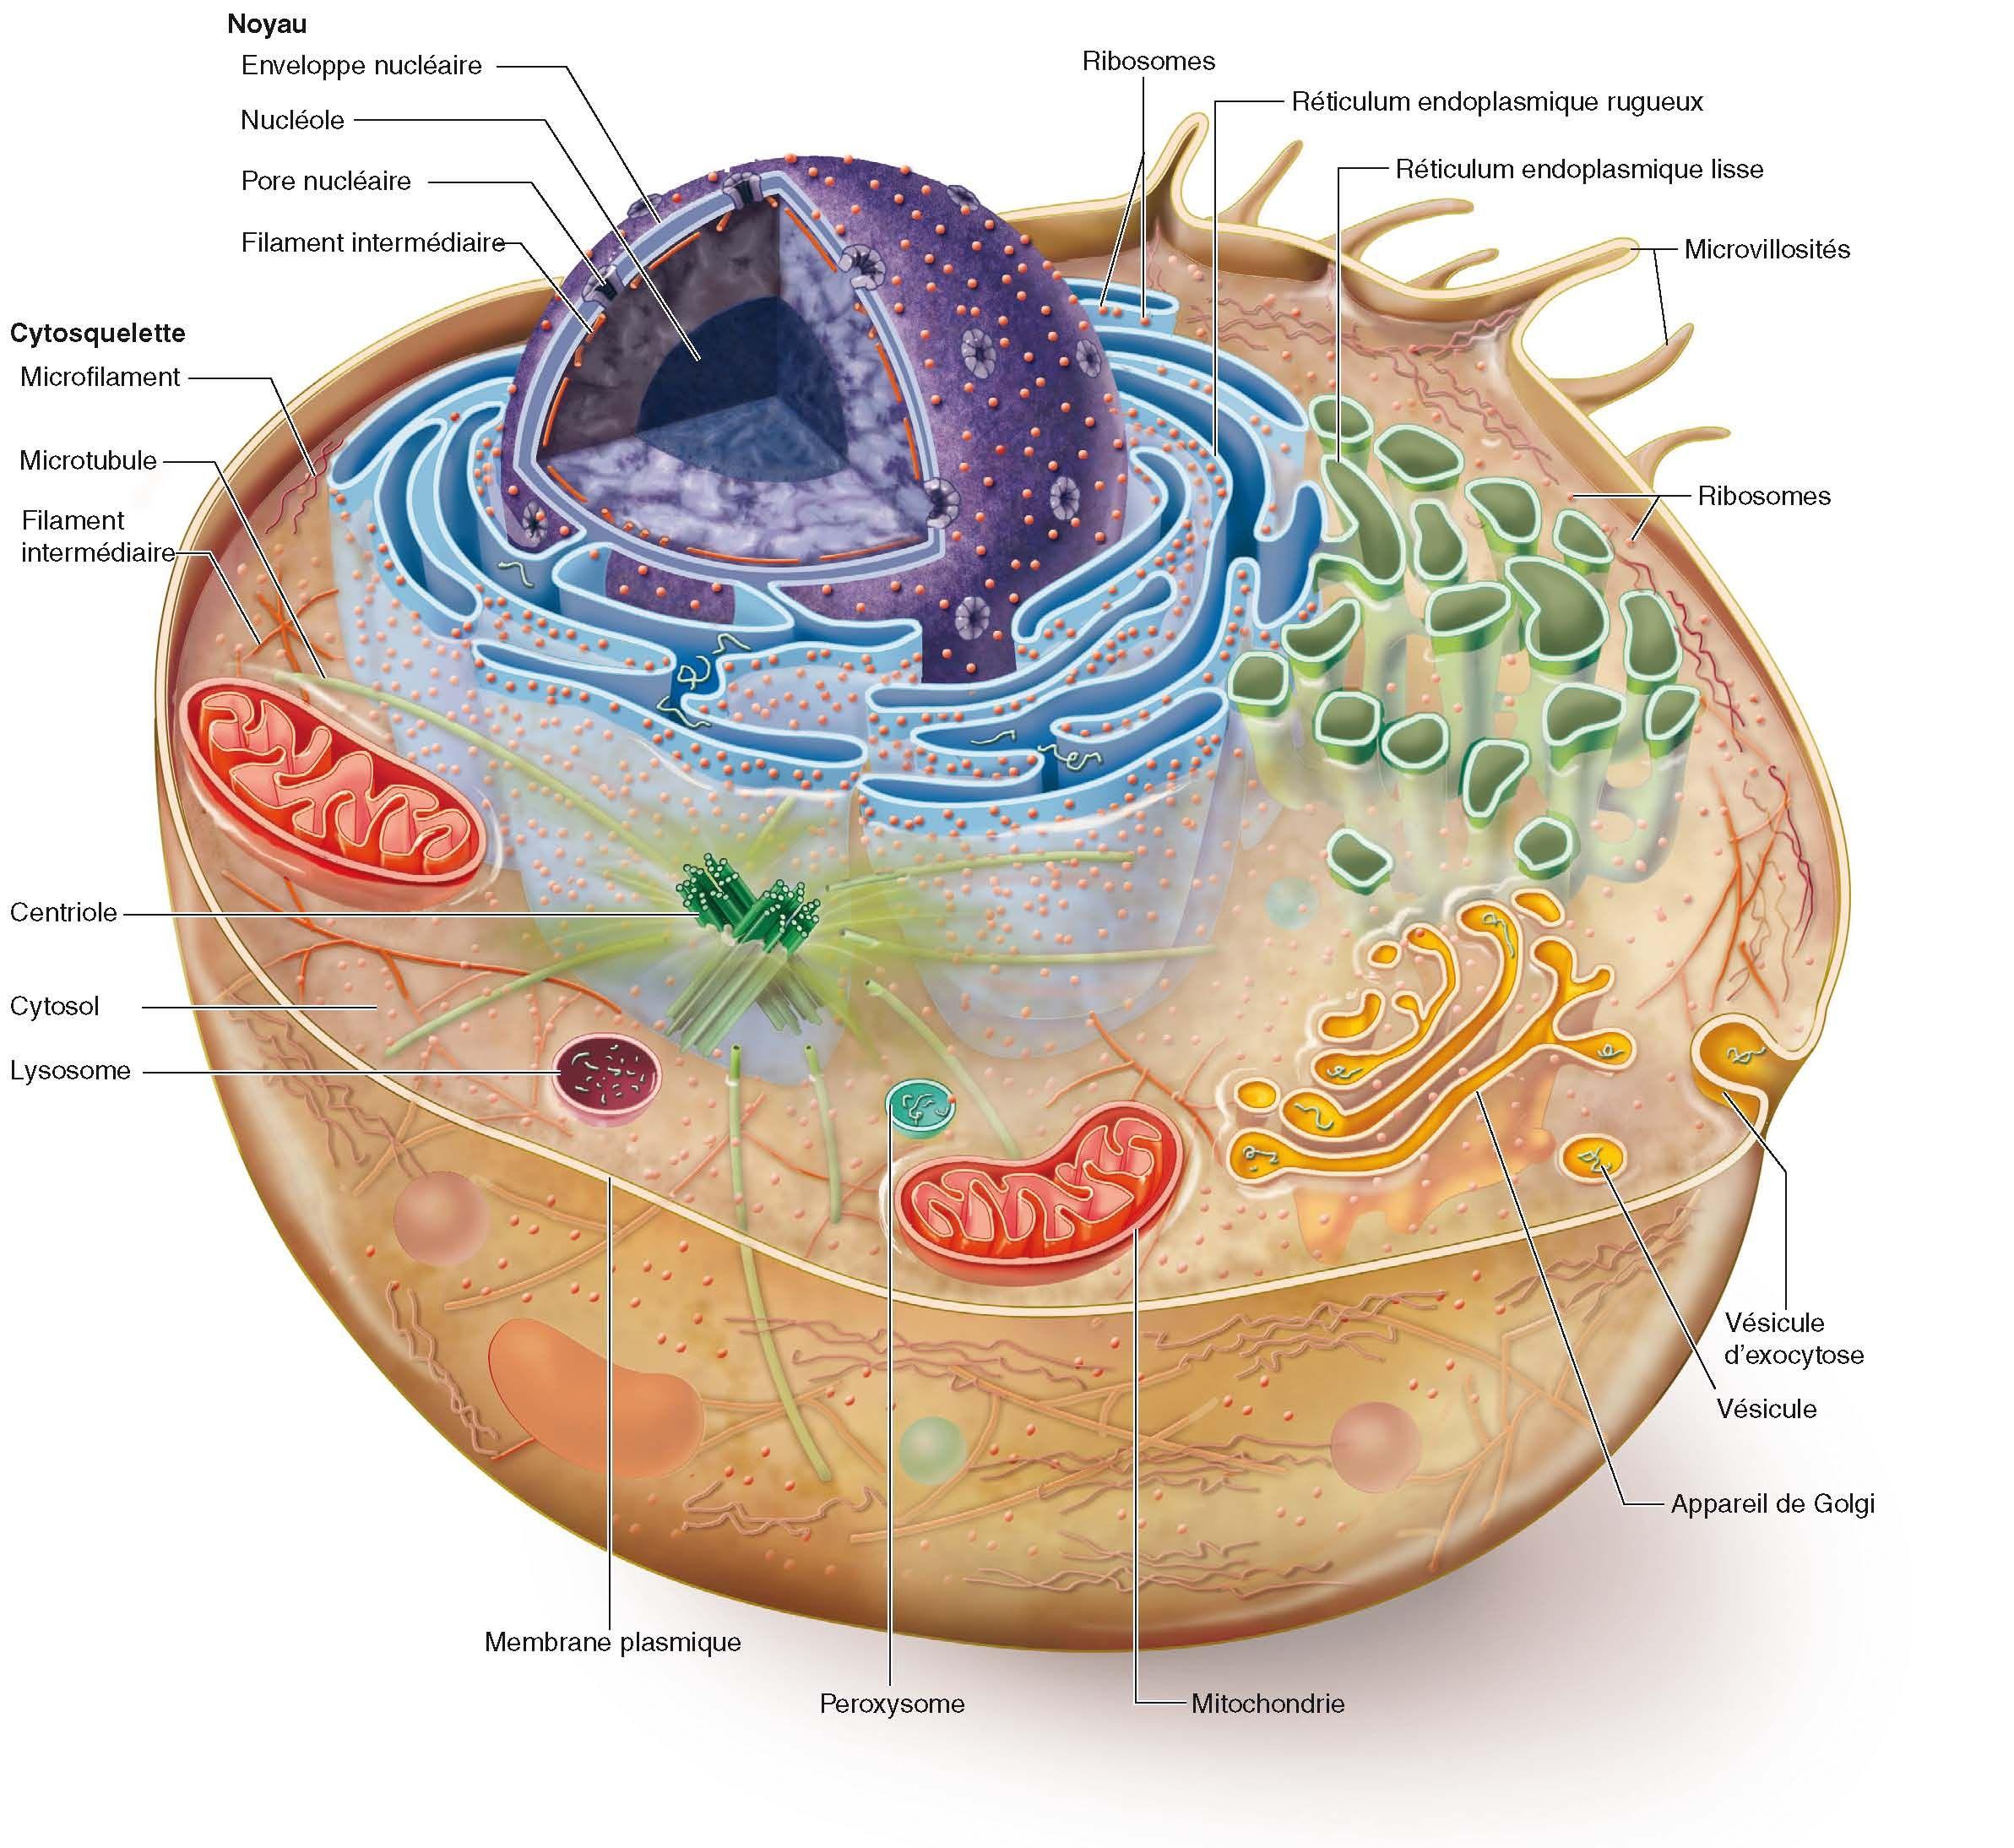 La Cellule Est La Plus Petite Partie Composante Autonome Vivante Des Etres Vivants Biologie Cellulaire Cellule Animale Anatomie Du Corps Humain